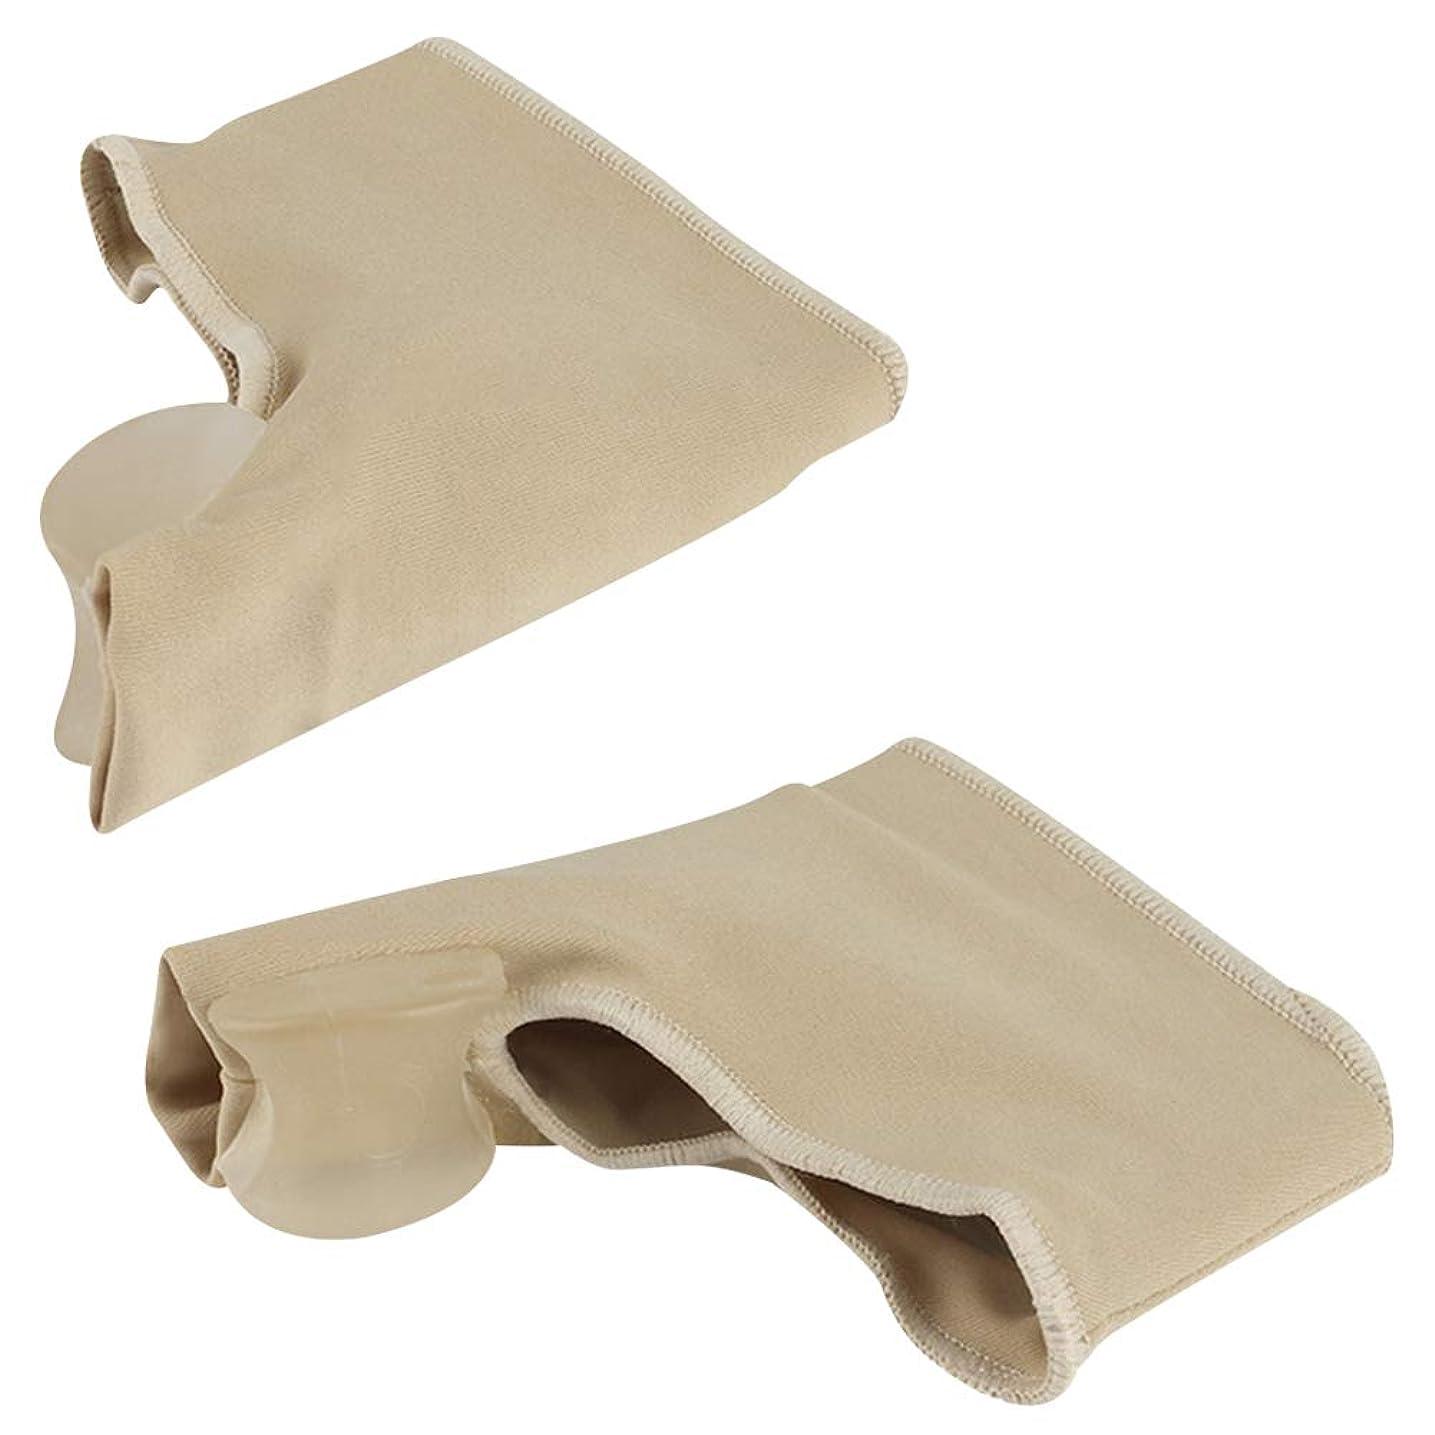 独裁ビーズ立場OUYOU 足指サポーター 足指を広げる 外反母趾 足指矯正パッド 血行促進 シリコン (M)